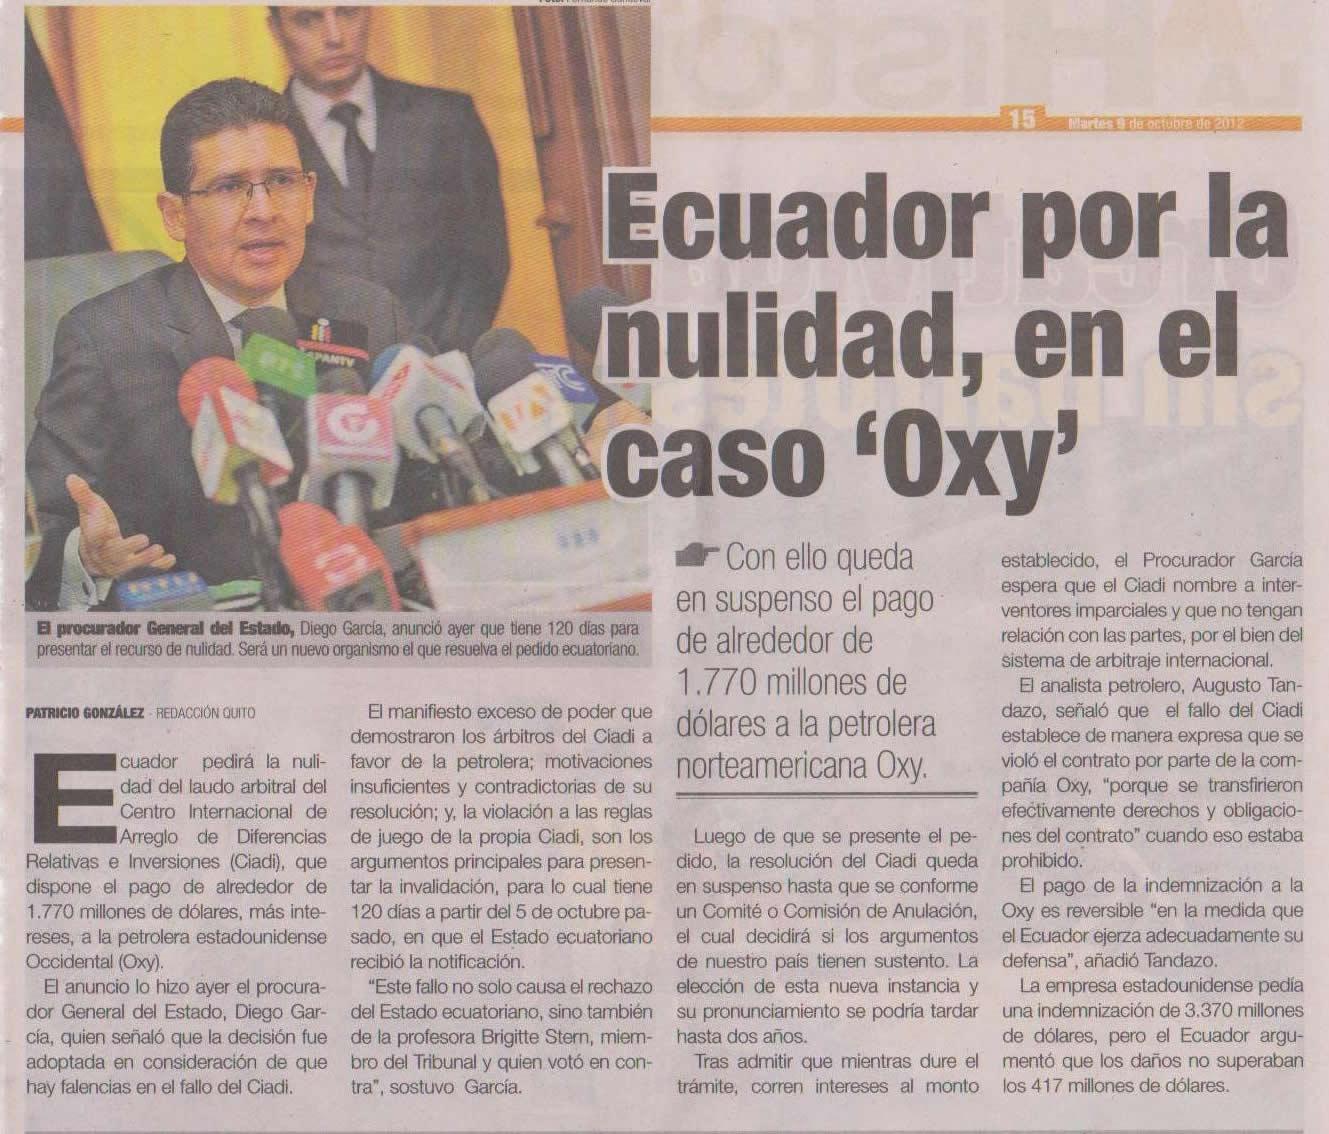 84-PP (Periodico Popular) Ecuador por la nulidad, en el caso Oxy 09 10